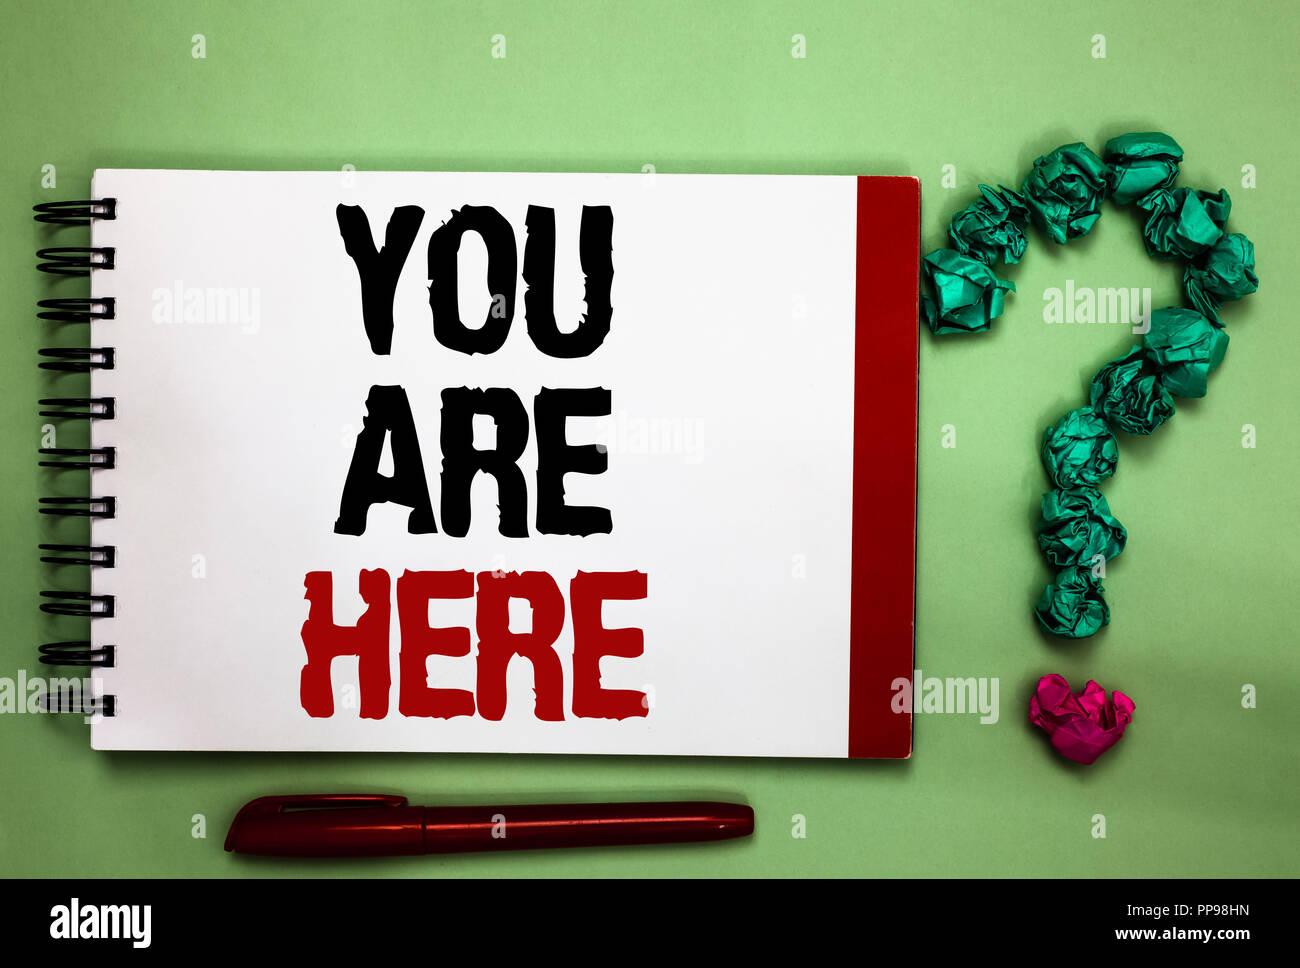 Escribir nota que muestra Usted está aquí. Exhibición fotográfica de negocios este es el punto de referencia de la ubicación del sistema de posicionamiento global celadón, fondo de color Imagen De Stock